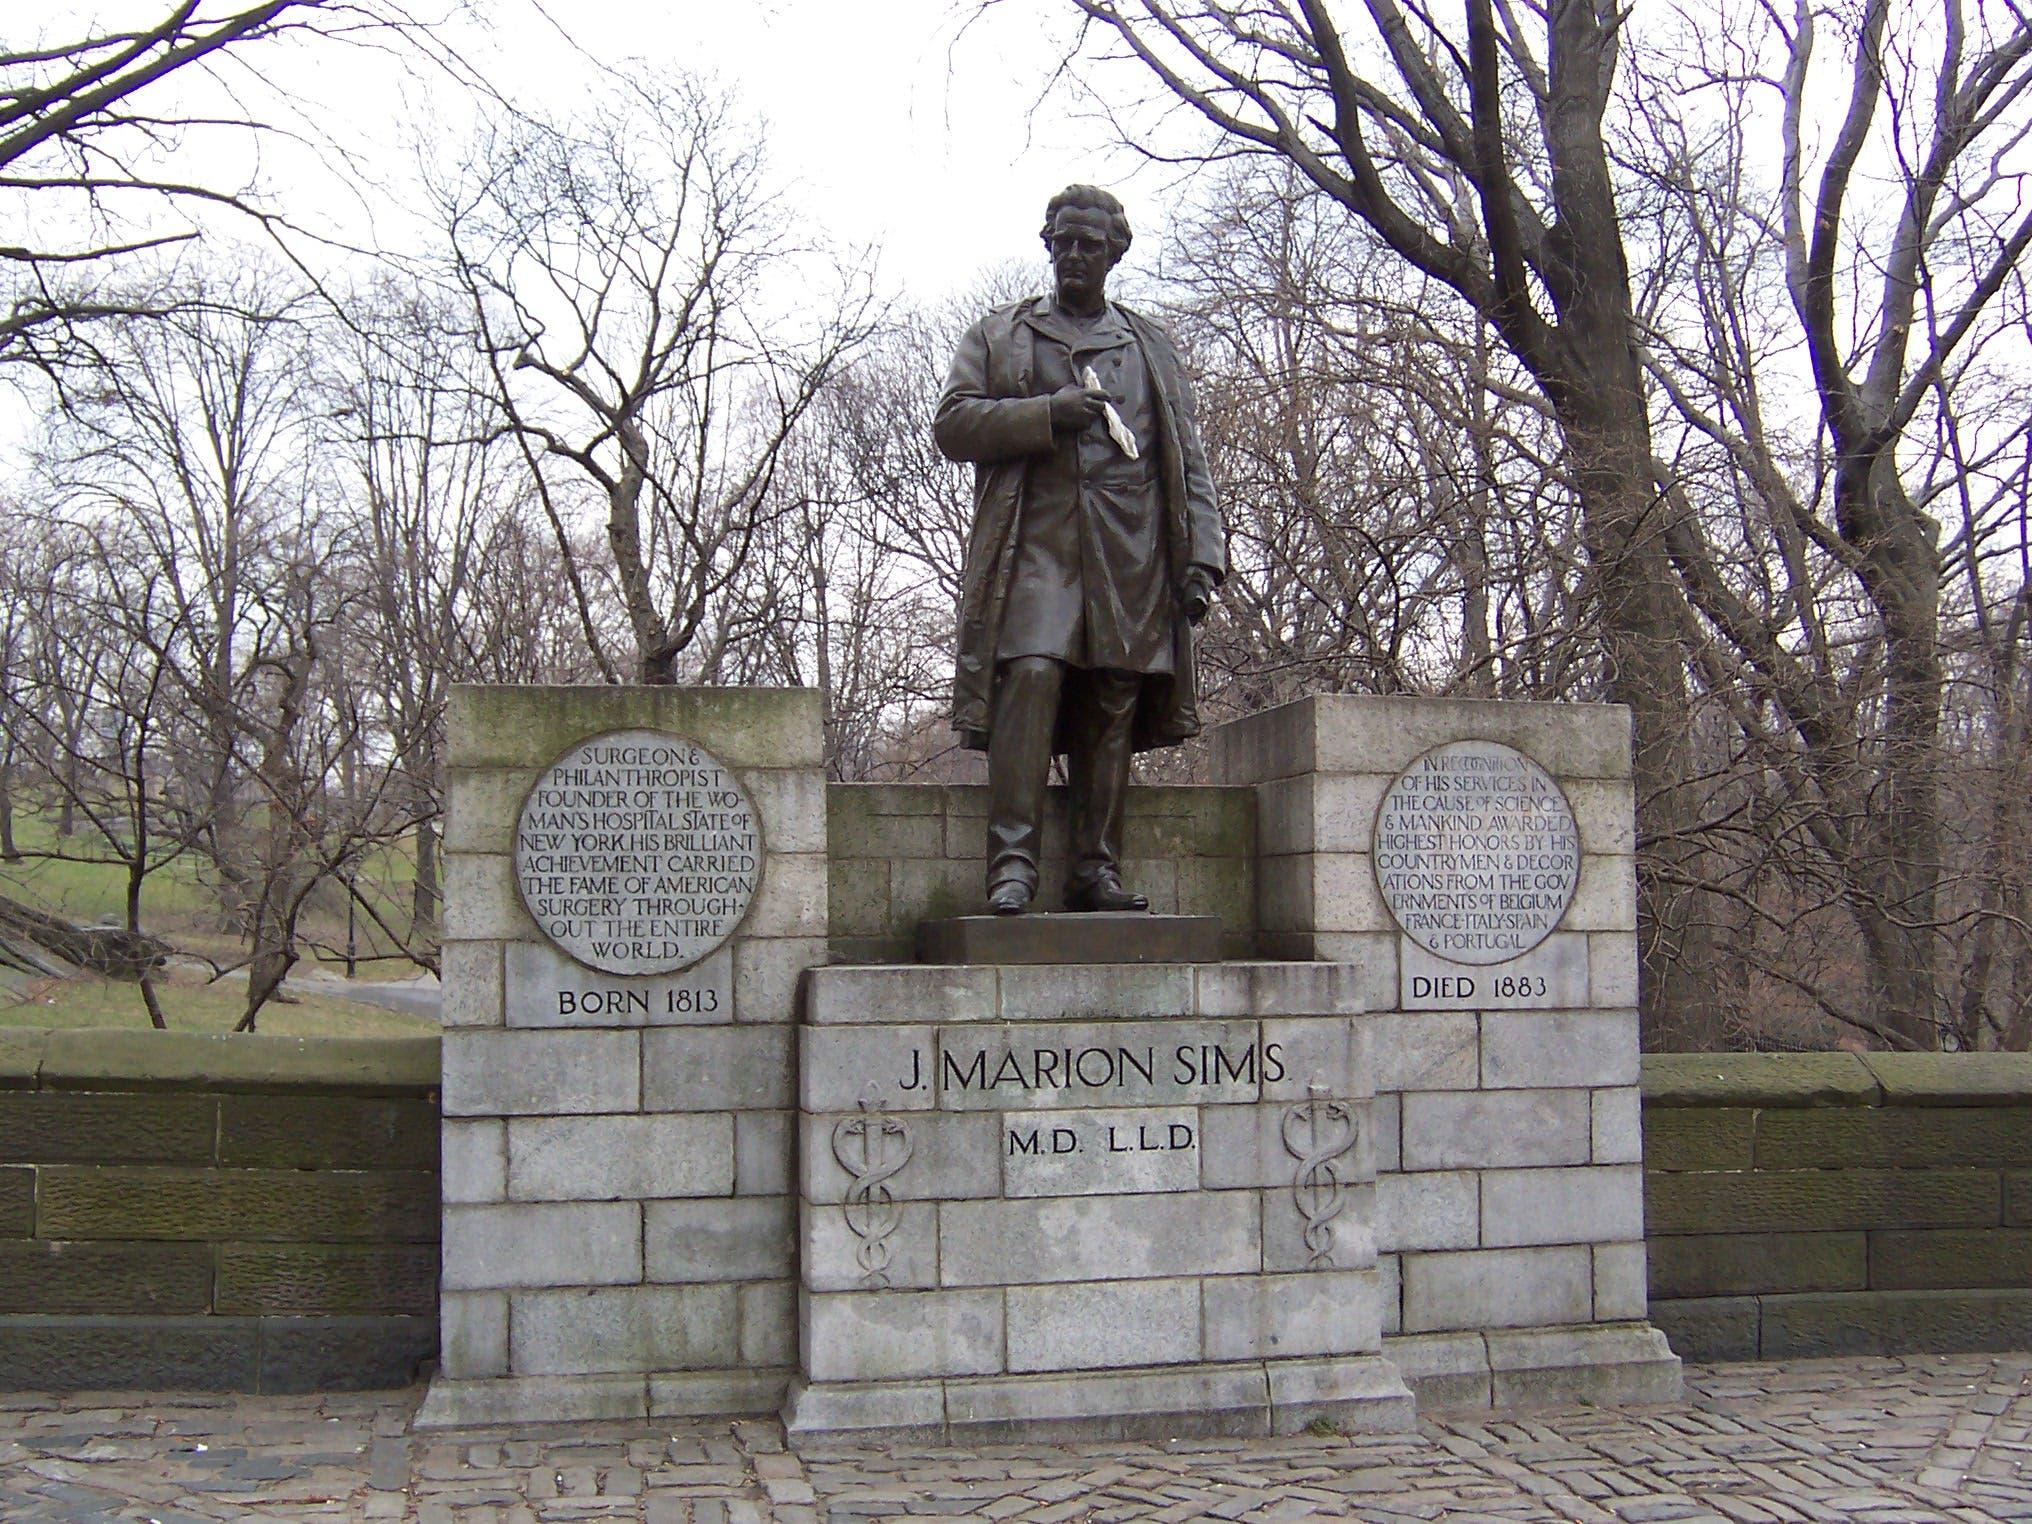 صورة لتمثال الطبيب جيمس ماريون سيمز الذي كان موجودا بسنترال بارك